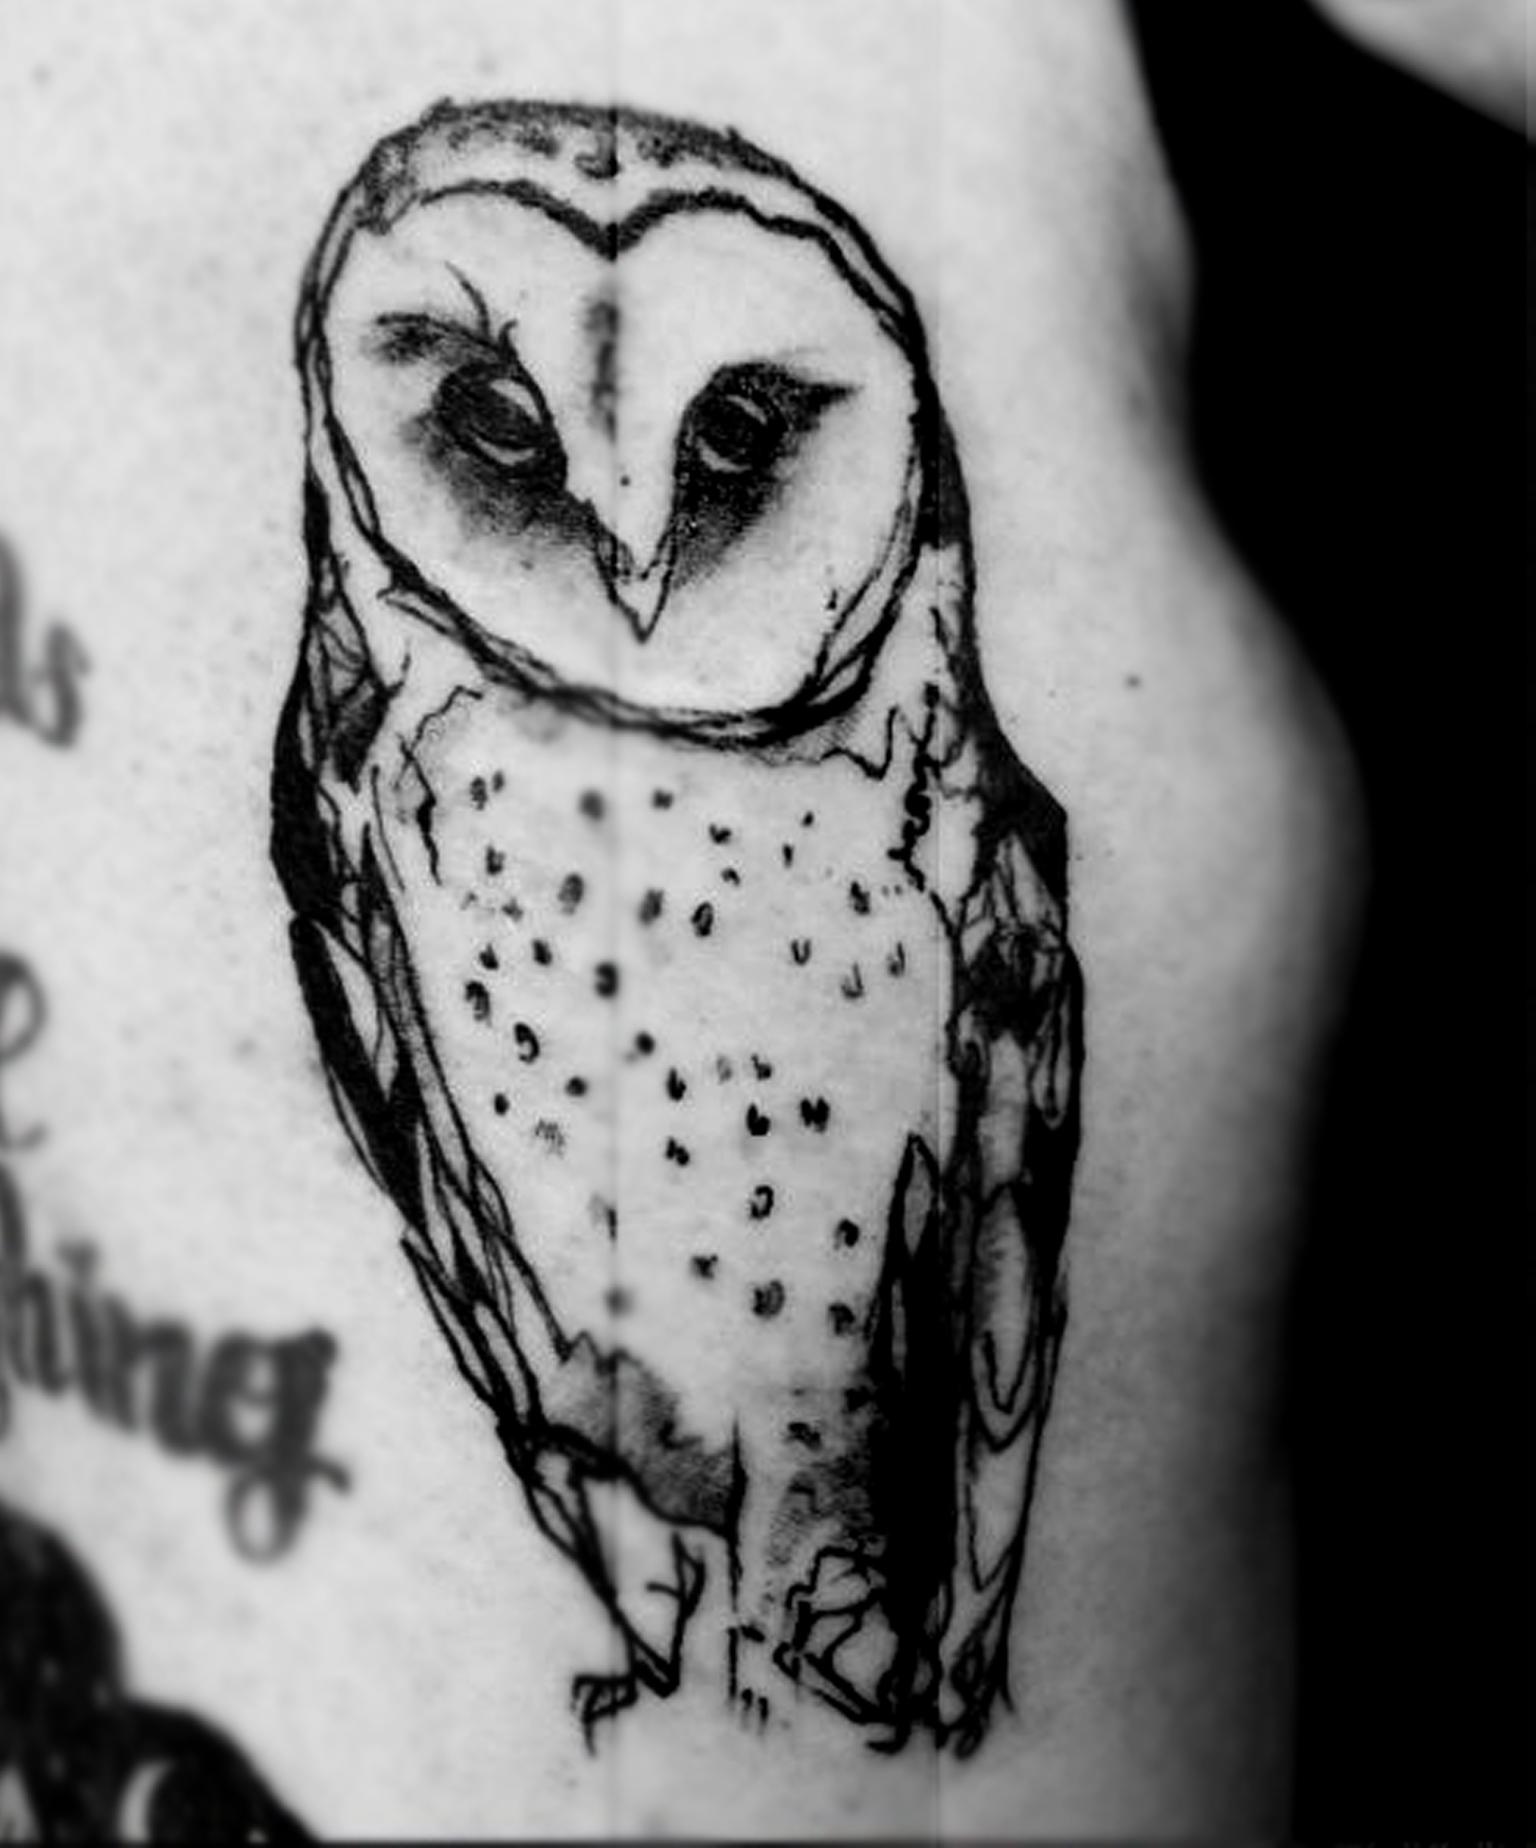 owlsketch1